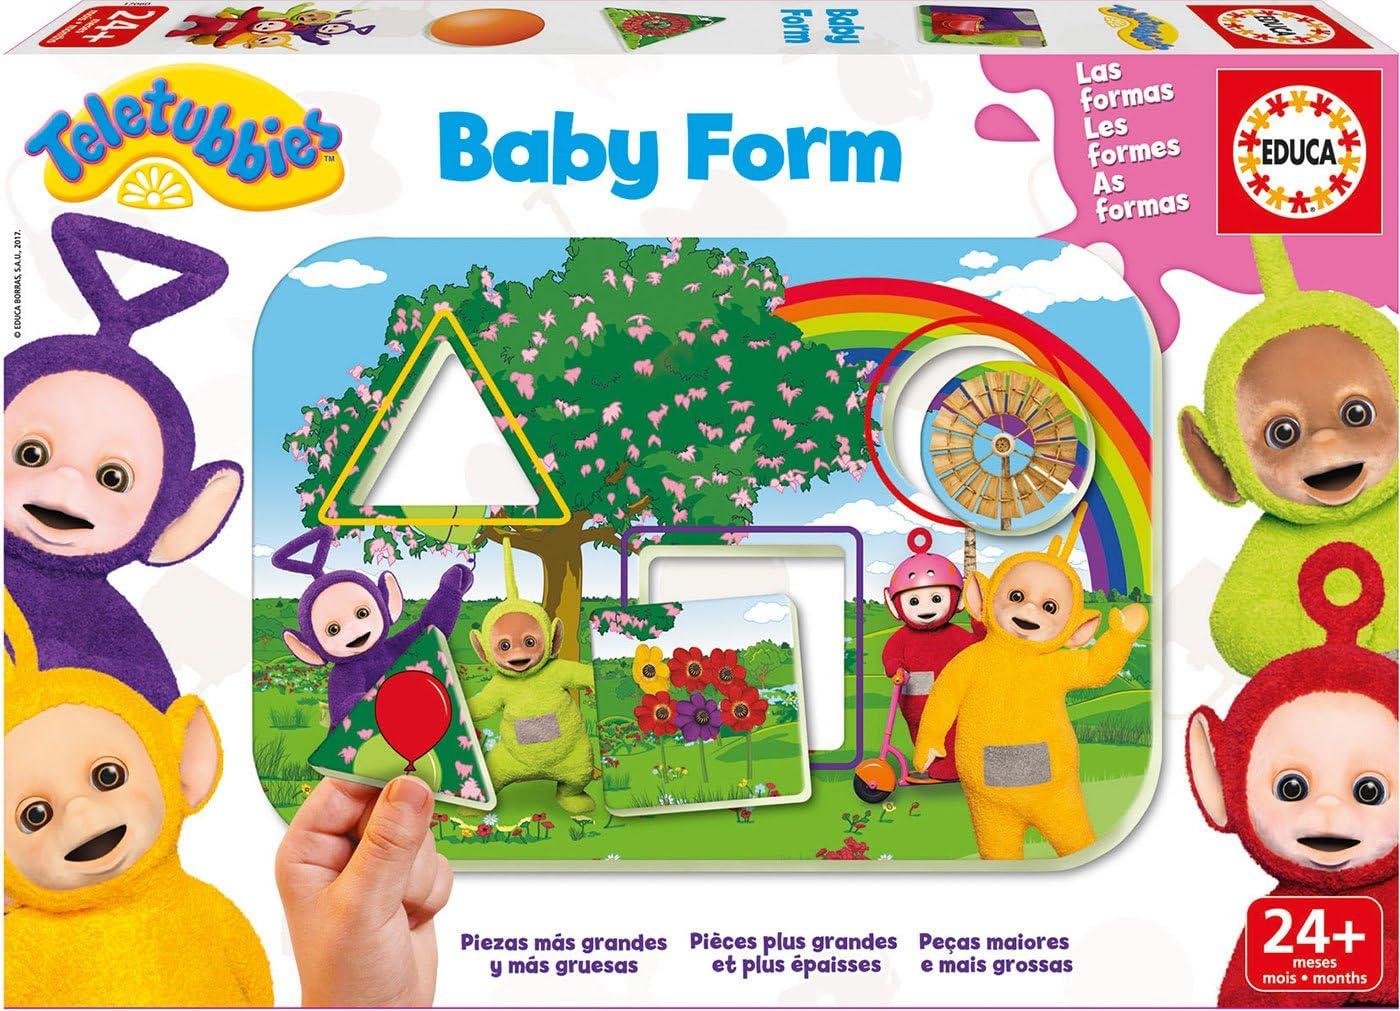 Teletubbies - Baby Form, Juego de Mesa (Educa Borrás 17060): Amazon.es: Juguetes y juegos